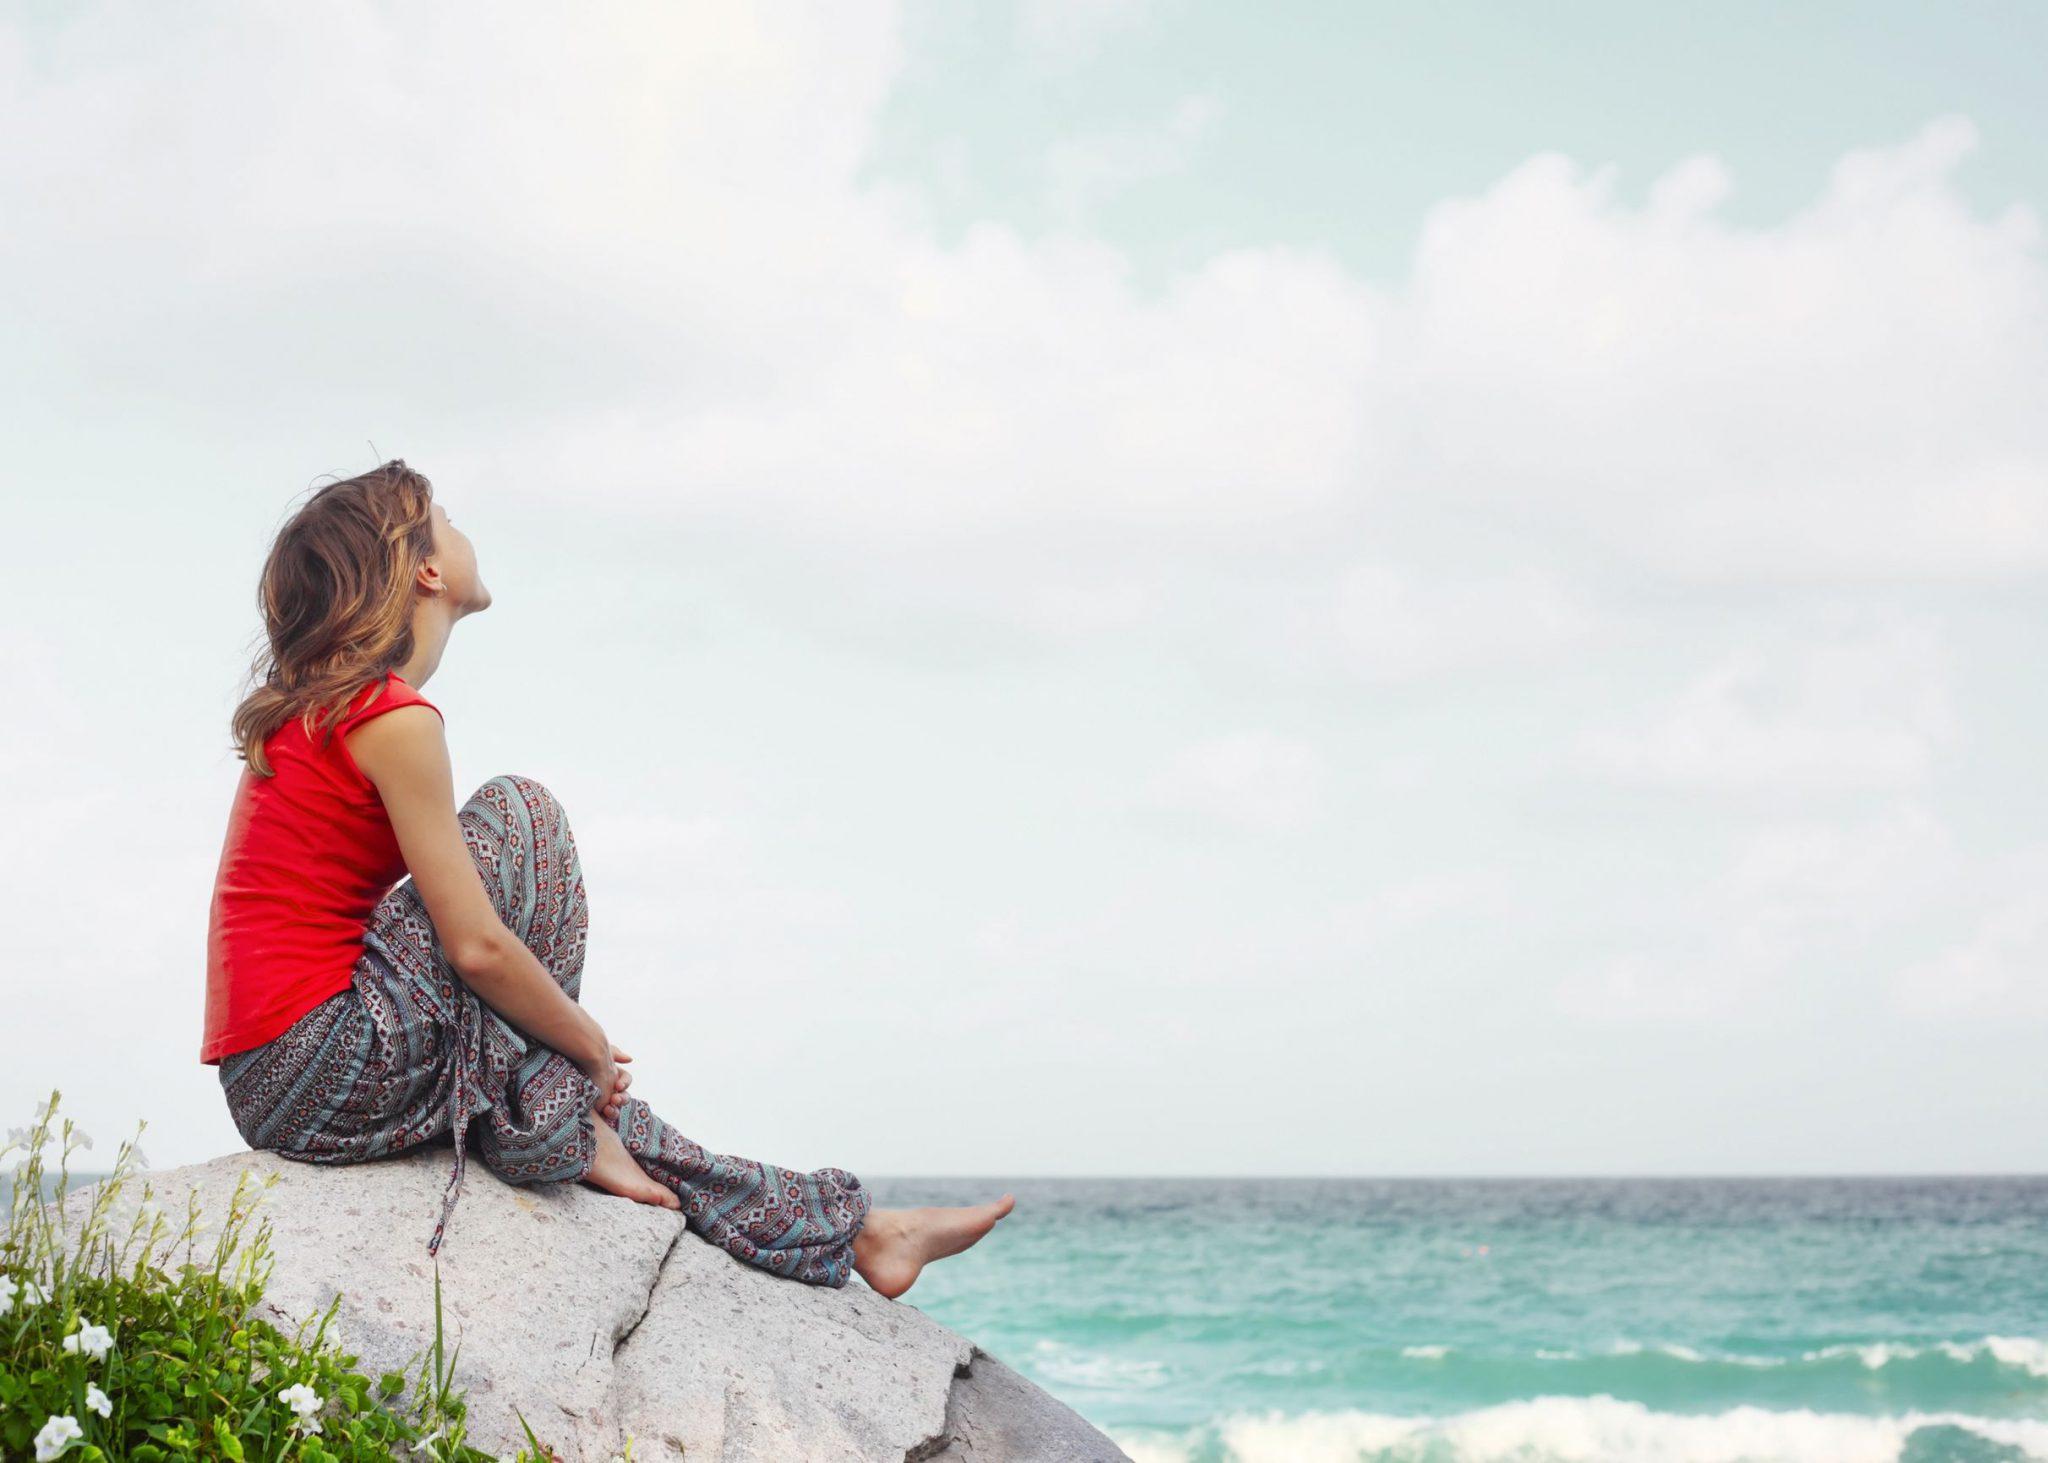 Moça loira de perfil, sentada em uma pedra da praia. Ela volta o rosto ao alto, o vento esvoaça os cabelos. Ao fundo, céu claro com nuvens e o mar agitado.